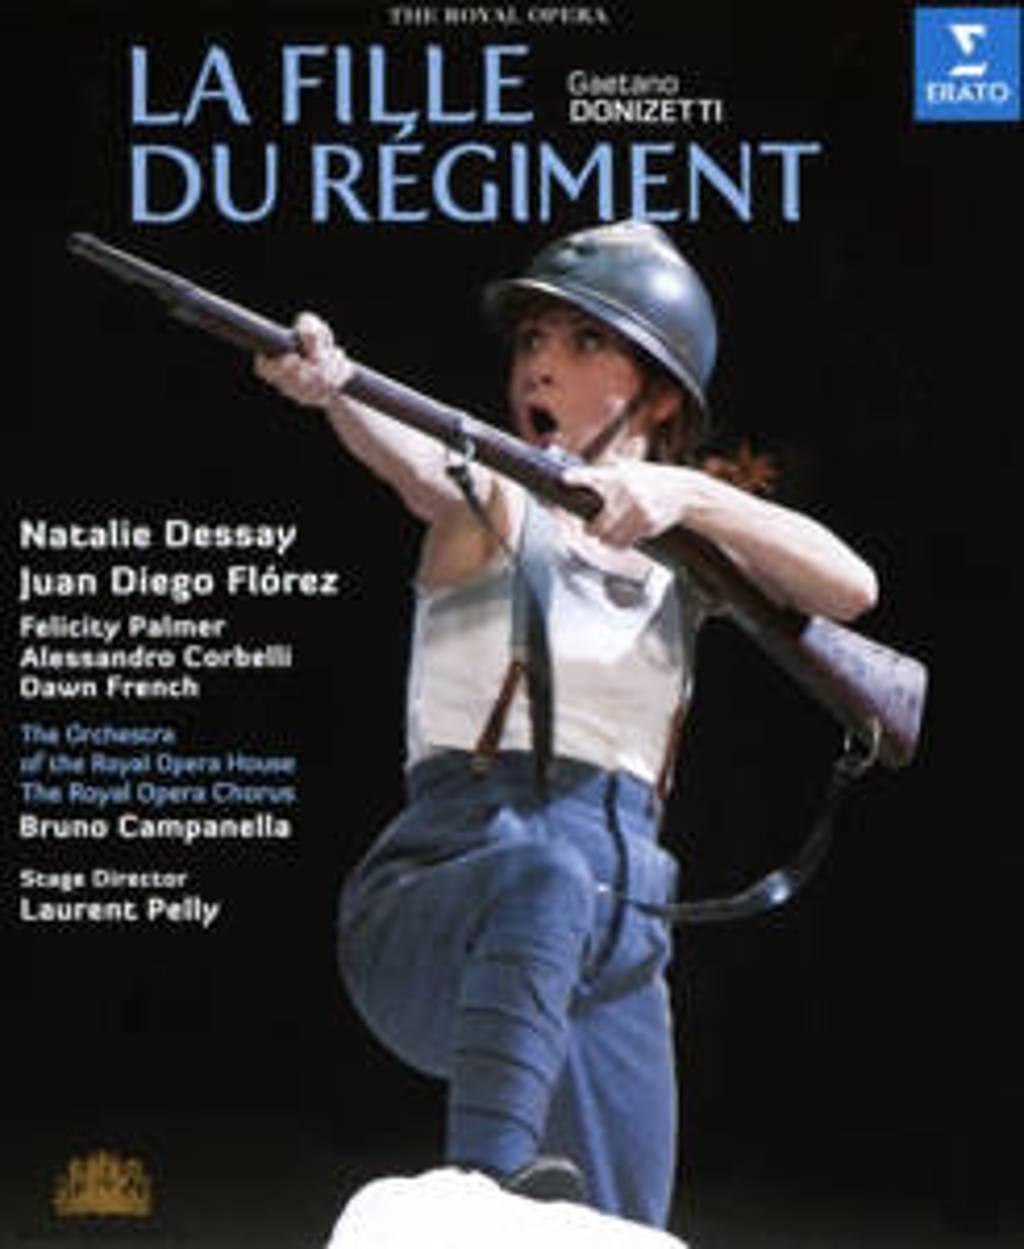 Natalie Dessay - La Fille Du Régiment (Blu-ray)